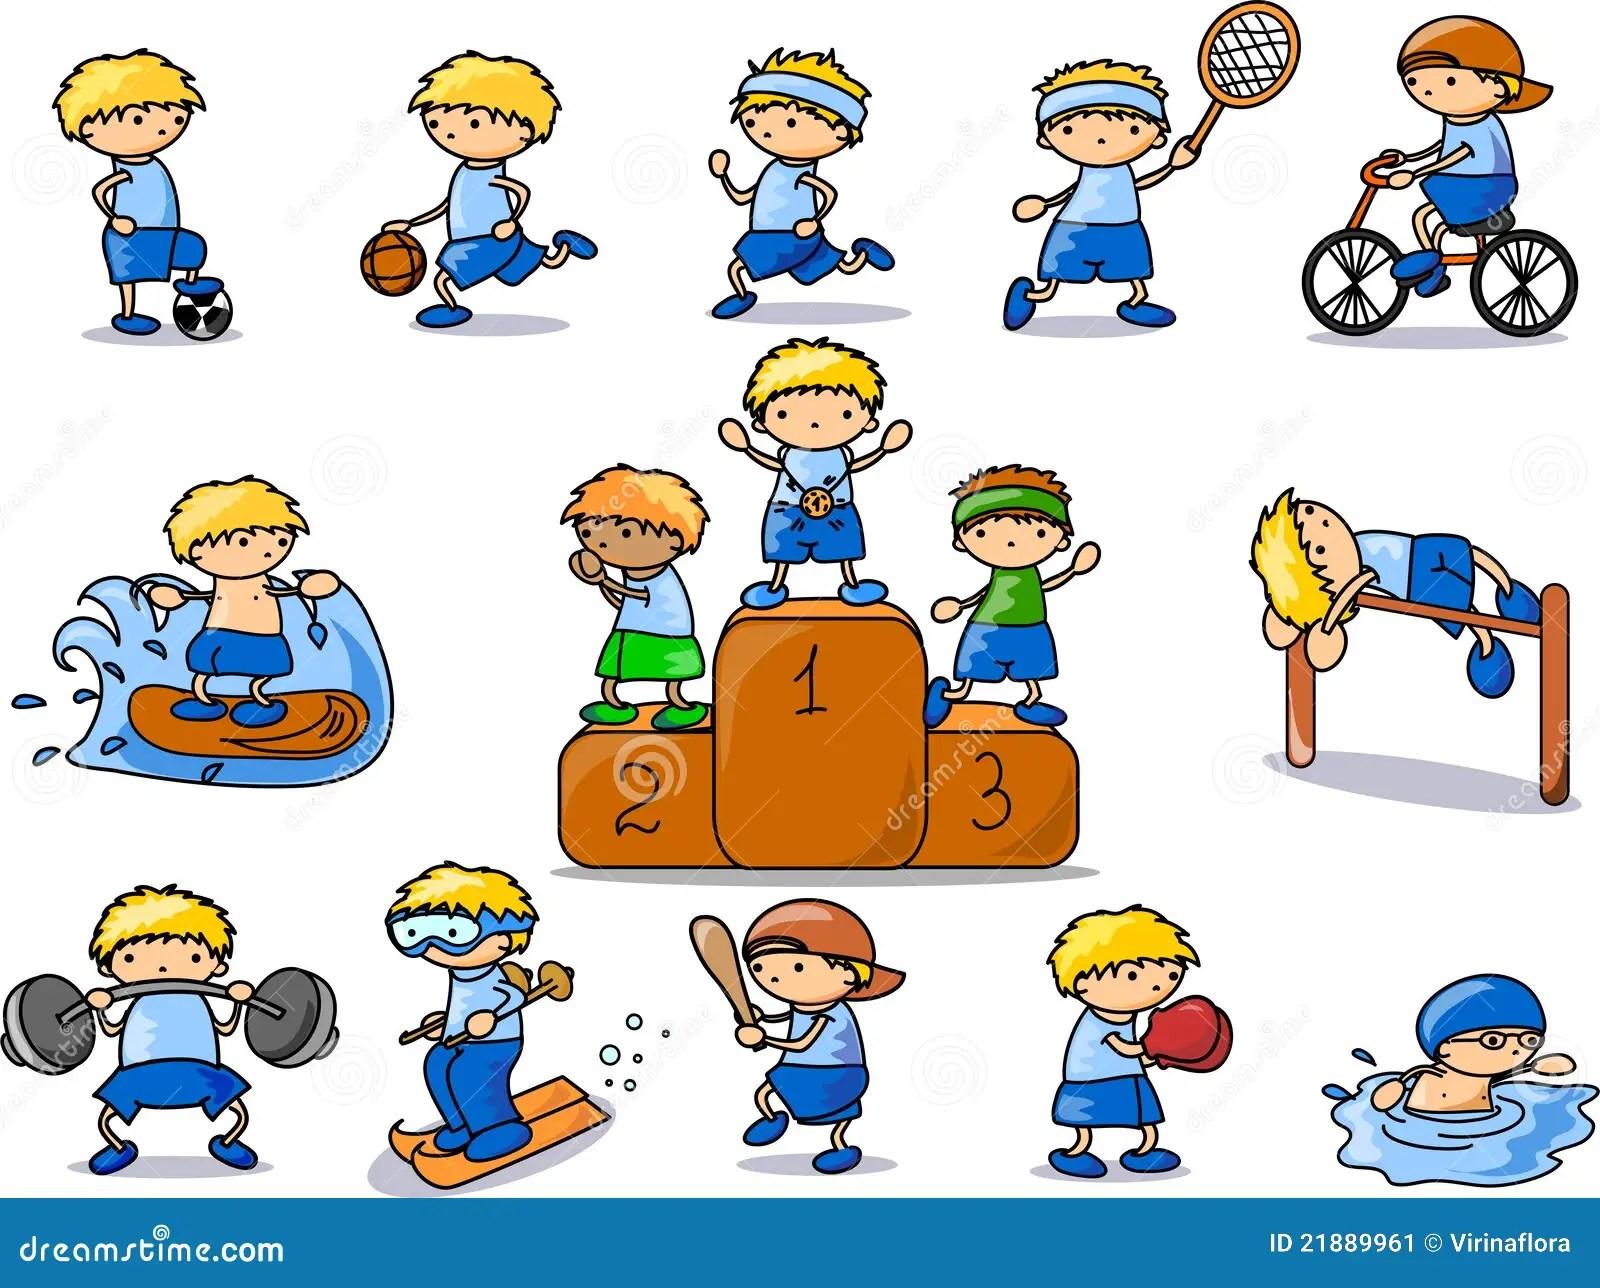 Kreskowki Ikony Sporta Wektor Ilustracja Wektor